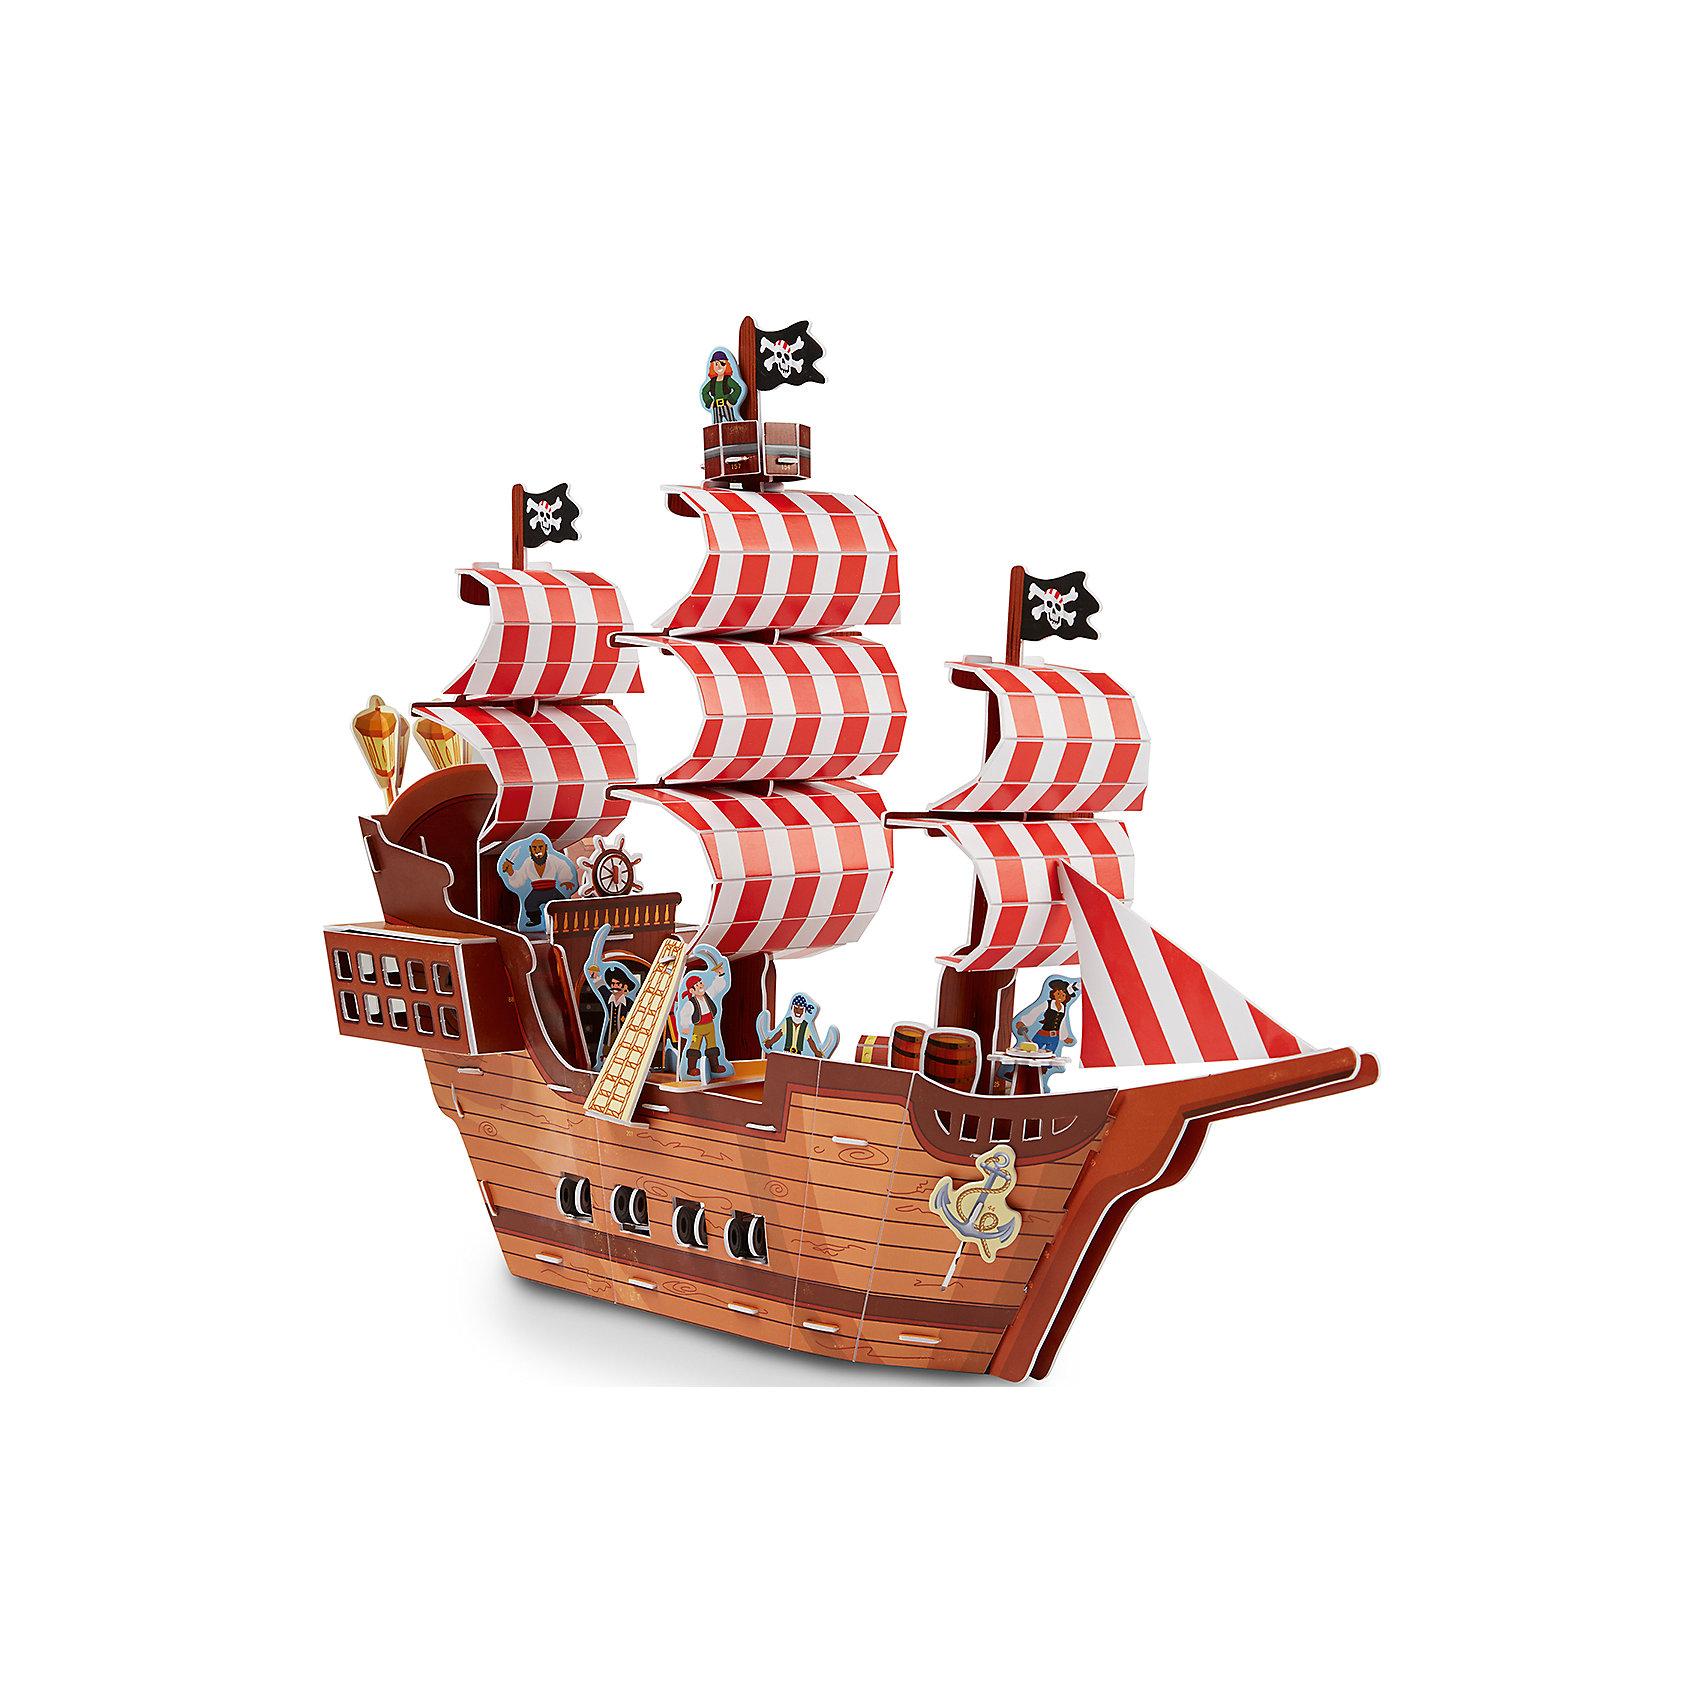 3D пазл Пиратский корабль, Melissa &amp; Doug3D пазлы<br>3D пазл Пиратский корабль, Melissa &amp; Doug (Мелисса и Даг).<br><br>Характеристики:<br><br>- В наборе: более 100 деталей из пенного материала<br>- Длина собранного корабля: 38 см.<br>- Размер упаковки: 42х29х2 см.<br>- Вес: 540 гр.<br><br>3D пазл Пиратский корабль от бренда Melissa&amp;Doug (Мелисса и Даг) поможет вашему малышу построить потрясающее пиратское судно и придумать множество сюжетно-ролевых игр. Благодаря простой инструкции корабль легко собирается из отдельных элементов по принципу объемного пазла. Для сборки не требуются ножницы и клей: все детали оснащены специальными выемками для соединения, каждая деталь имеет свой номер. Готовое изделие представляет собой многоуровневый пиратский корабль с яркими парусами, черными флагами, просторной палубой и оборудованными каютами. В комплекте есть фигурки пиратов и попугая, сундук с сокровищами, пушки, гребная лодка, мебель, оригинальные декорации и даже небольшой остров. Ваш ребенок будет с удовольствием устраивать морские сражения, переживать шторм и искать клад на необитаемом острове. Все детали выполнены из высококачественного материала и раскрашены нетоксичными красками. Сборка 3D пазла способствует развитию моторики, координации движений, концентрации внимания, воображения и усидчивости.<br><br>3D пазл Пиратский корабль, Melissa &amp; Doug (Мелисса и Даг) можно купить в нашем интернет-магазине.<br><br>Ширина мм: 420<br>Глубина мм: 20<br>Высота мм: 290<br>Вес г: 544<br>Возраст от месяцев: 72<br>Возраст до месяцев: 2147483647<br>Пол: Мужской<br>Возраст: Детский<br>SKU: 5074357